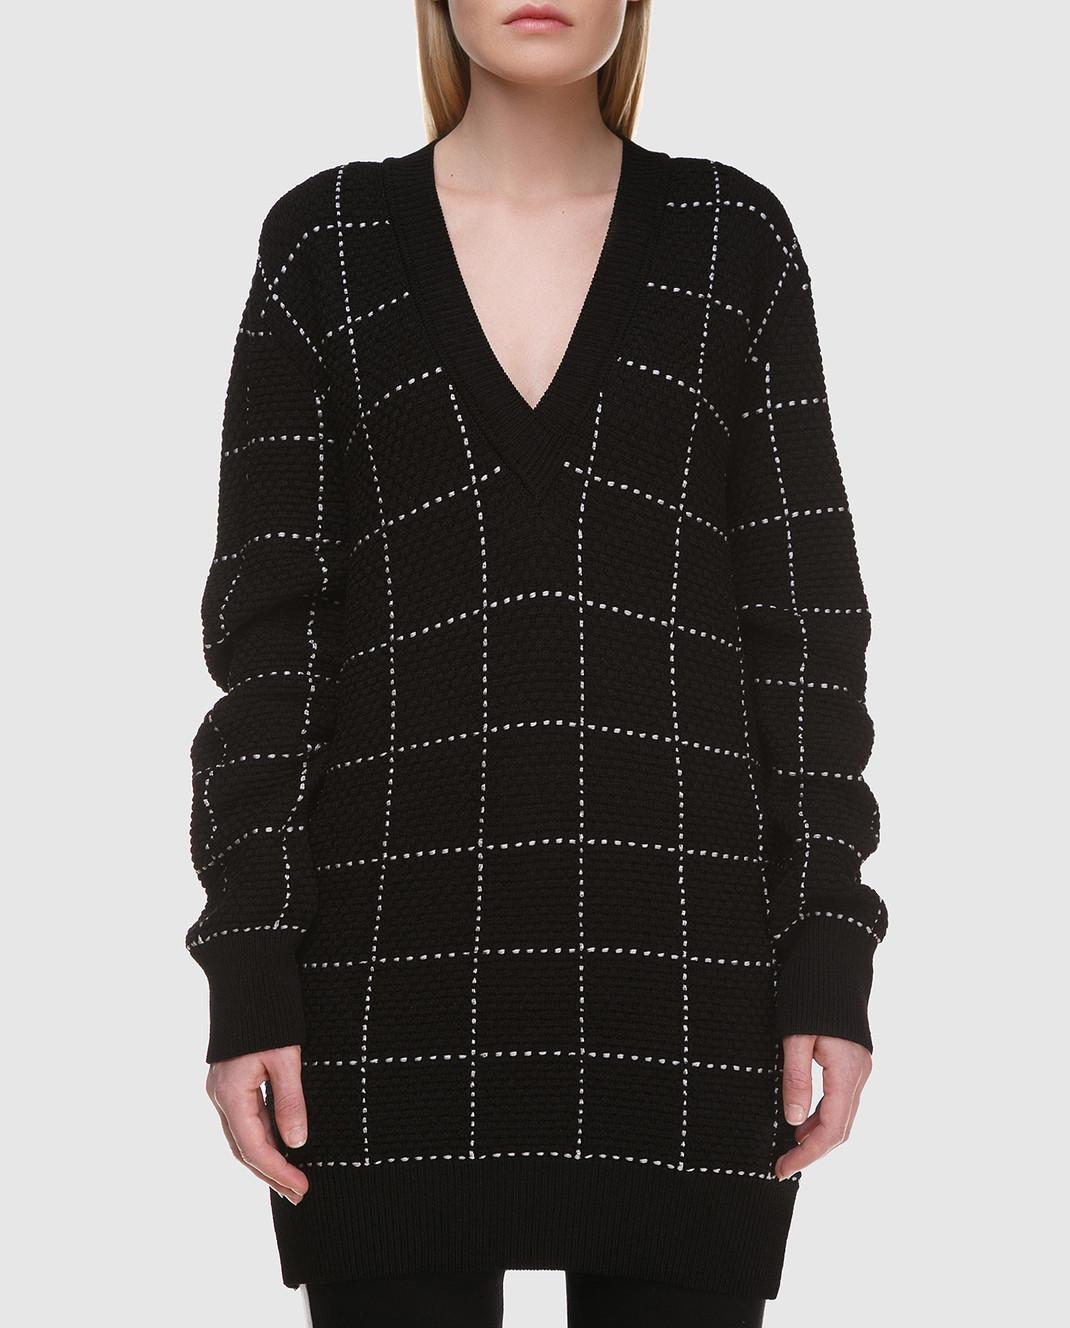 Balmain Черный свитер 136667 изображение 3